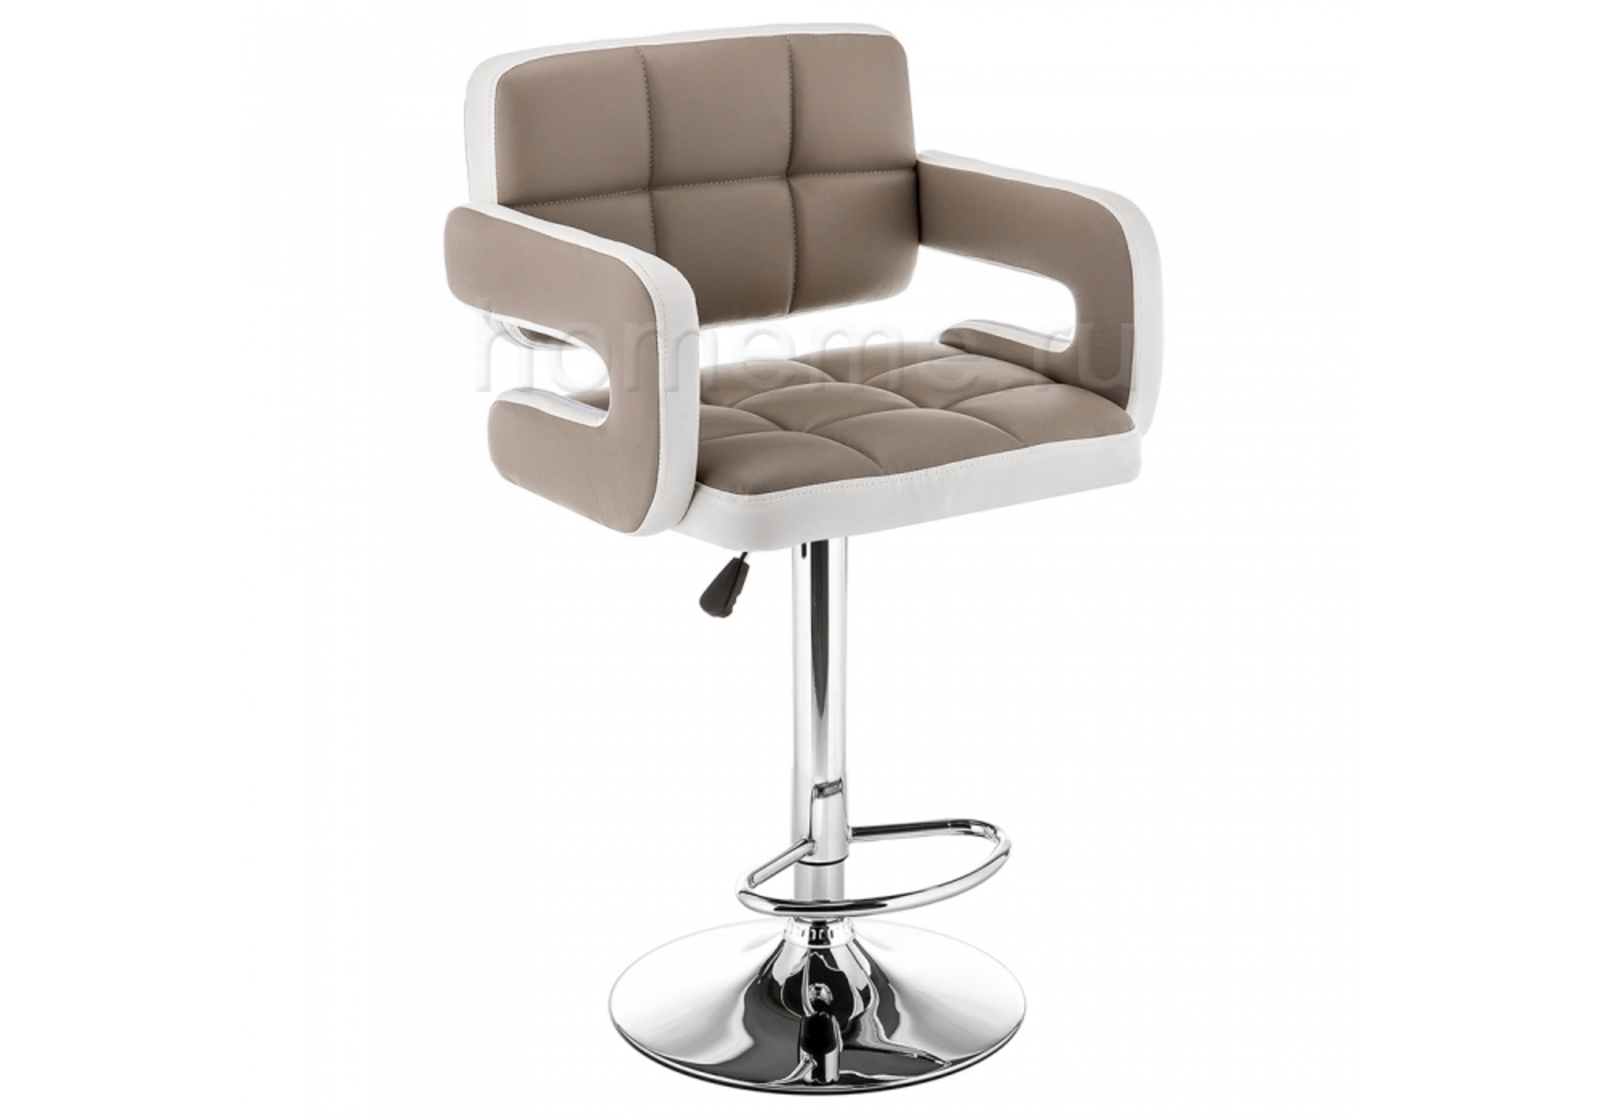 Барный стул Bent бежевый / белый 11287 Bent бежевый / белый 11287 (15682)